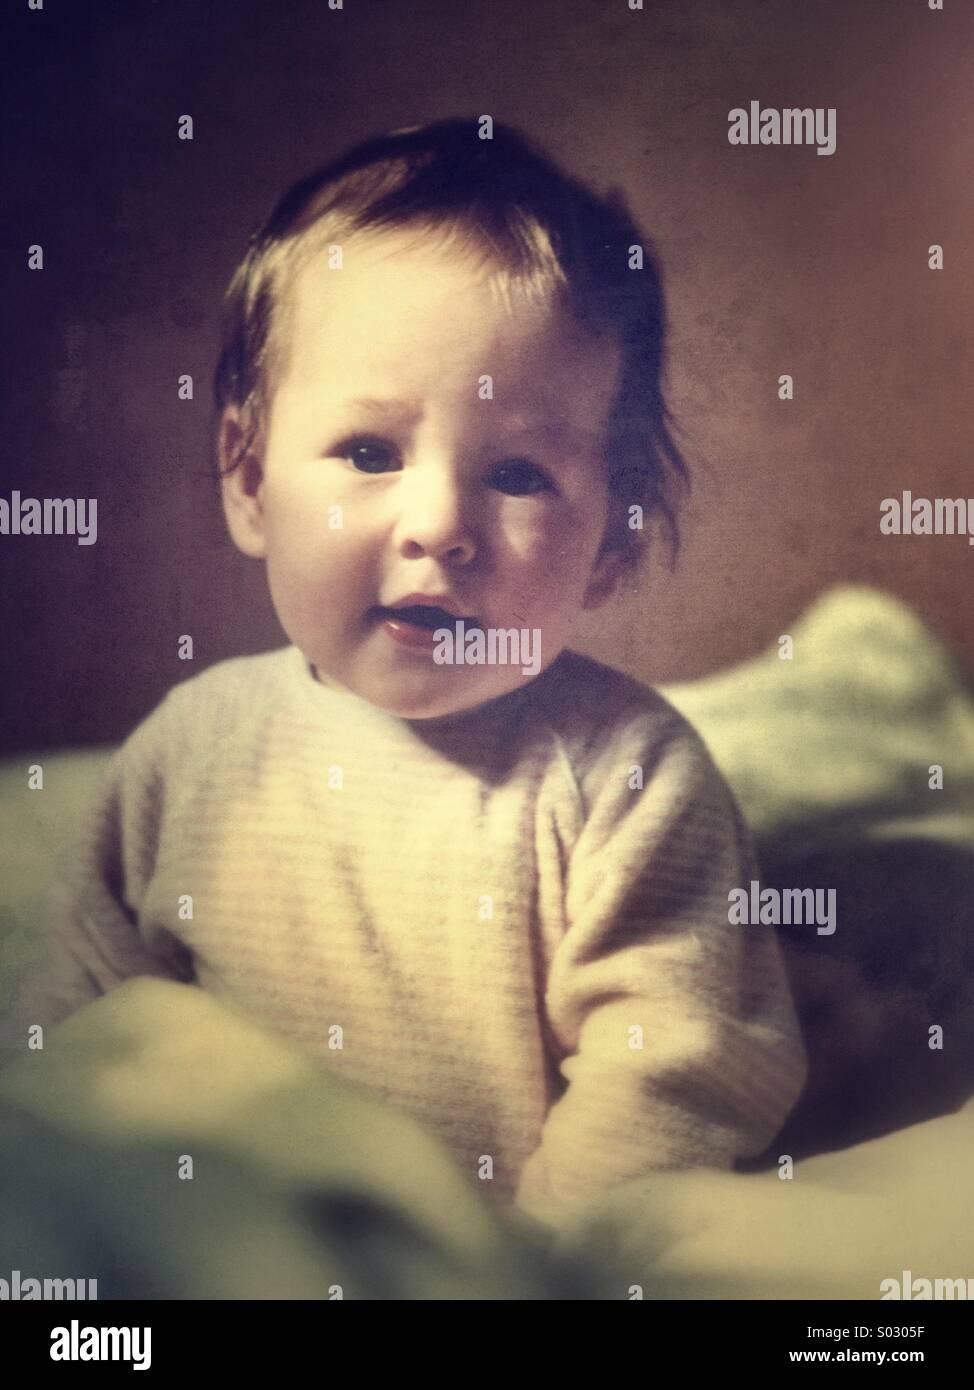 Baby im Alter von 9-12 Monaten sitzt auf Bett Stockbild